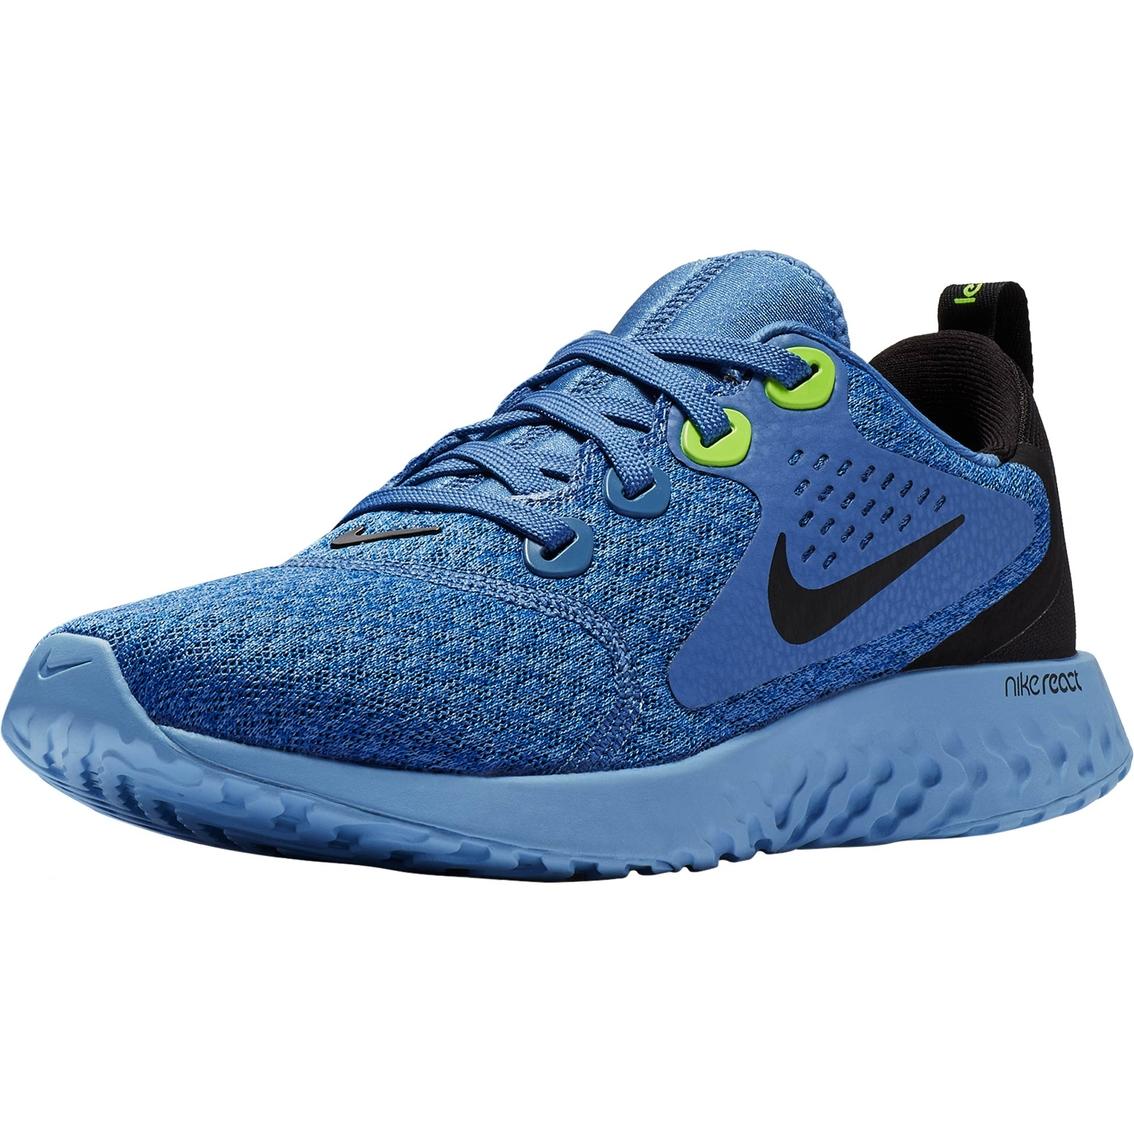 122a2d82915e Nike Boys Legend React Running Shoes